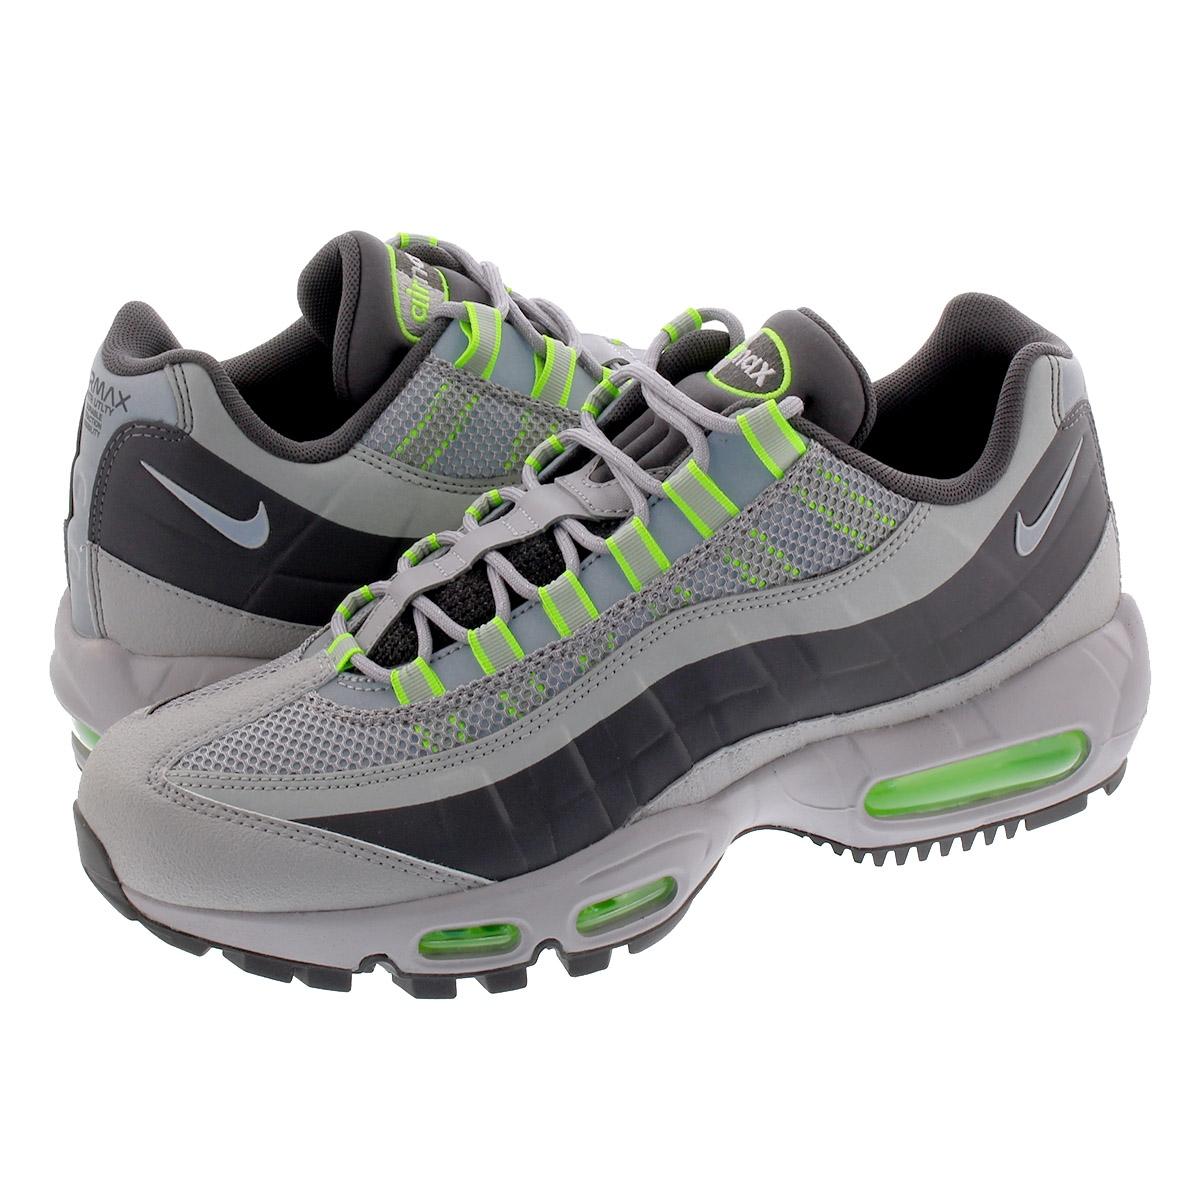 Nike Air Max 95 Utility